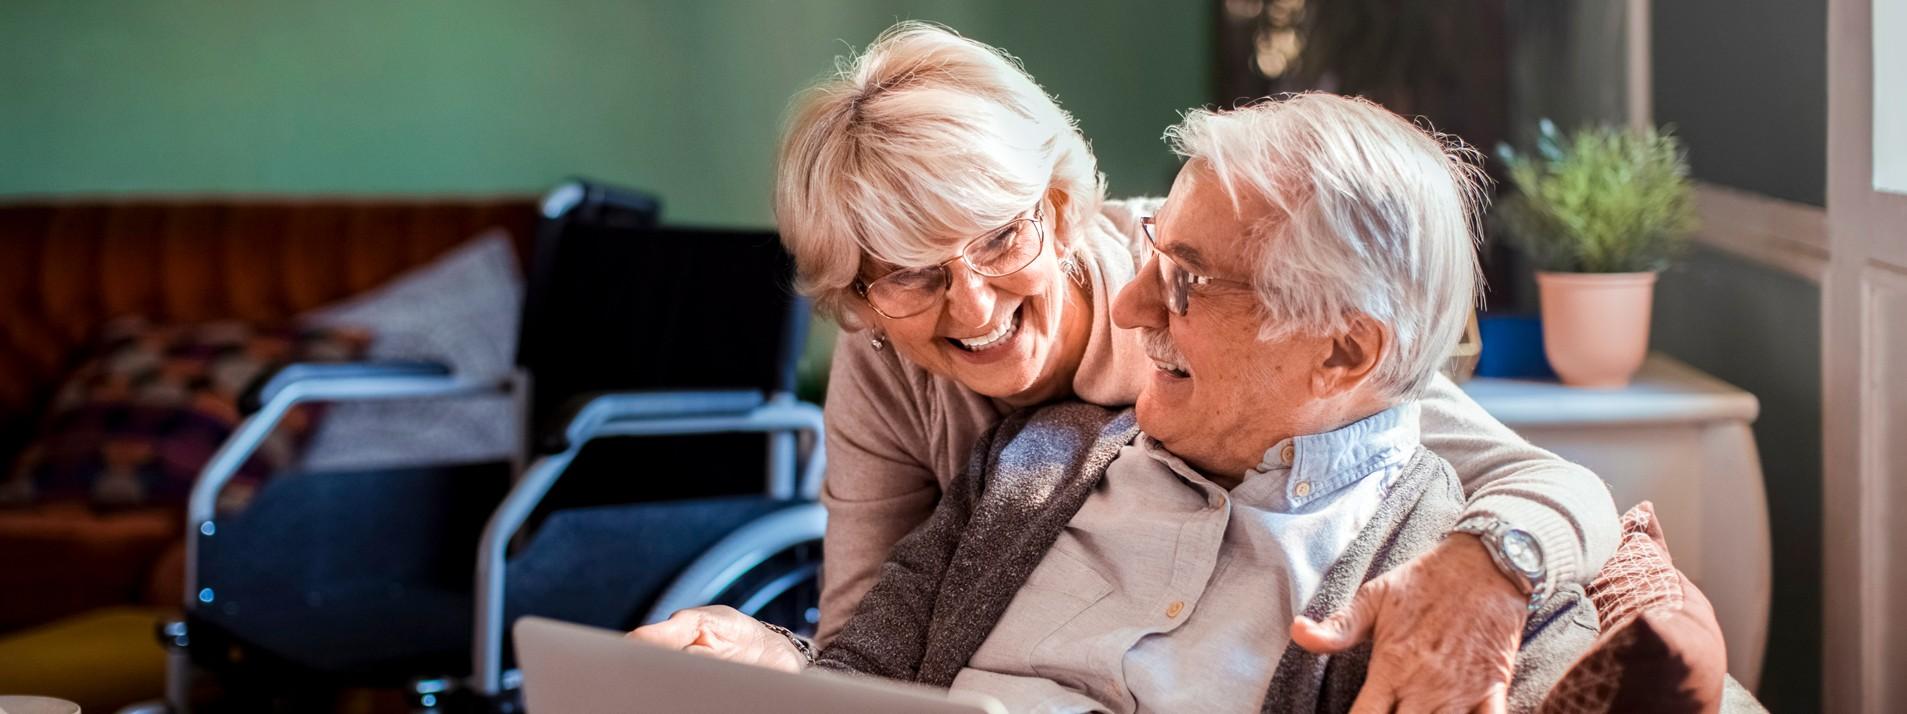 Senioren Paar auf der Couch mit einem Laptop